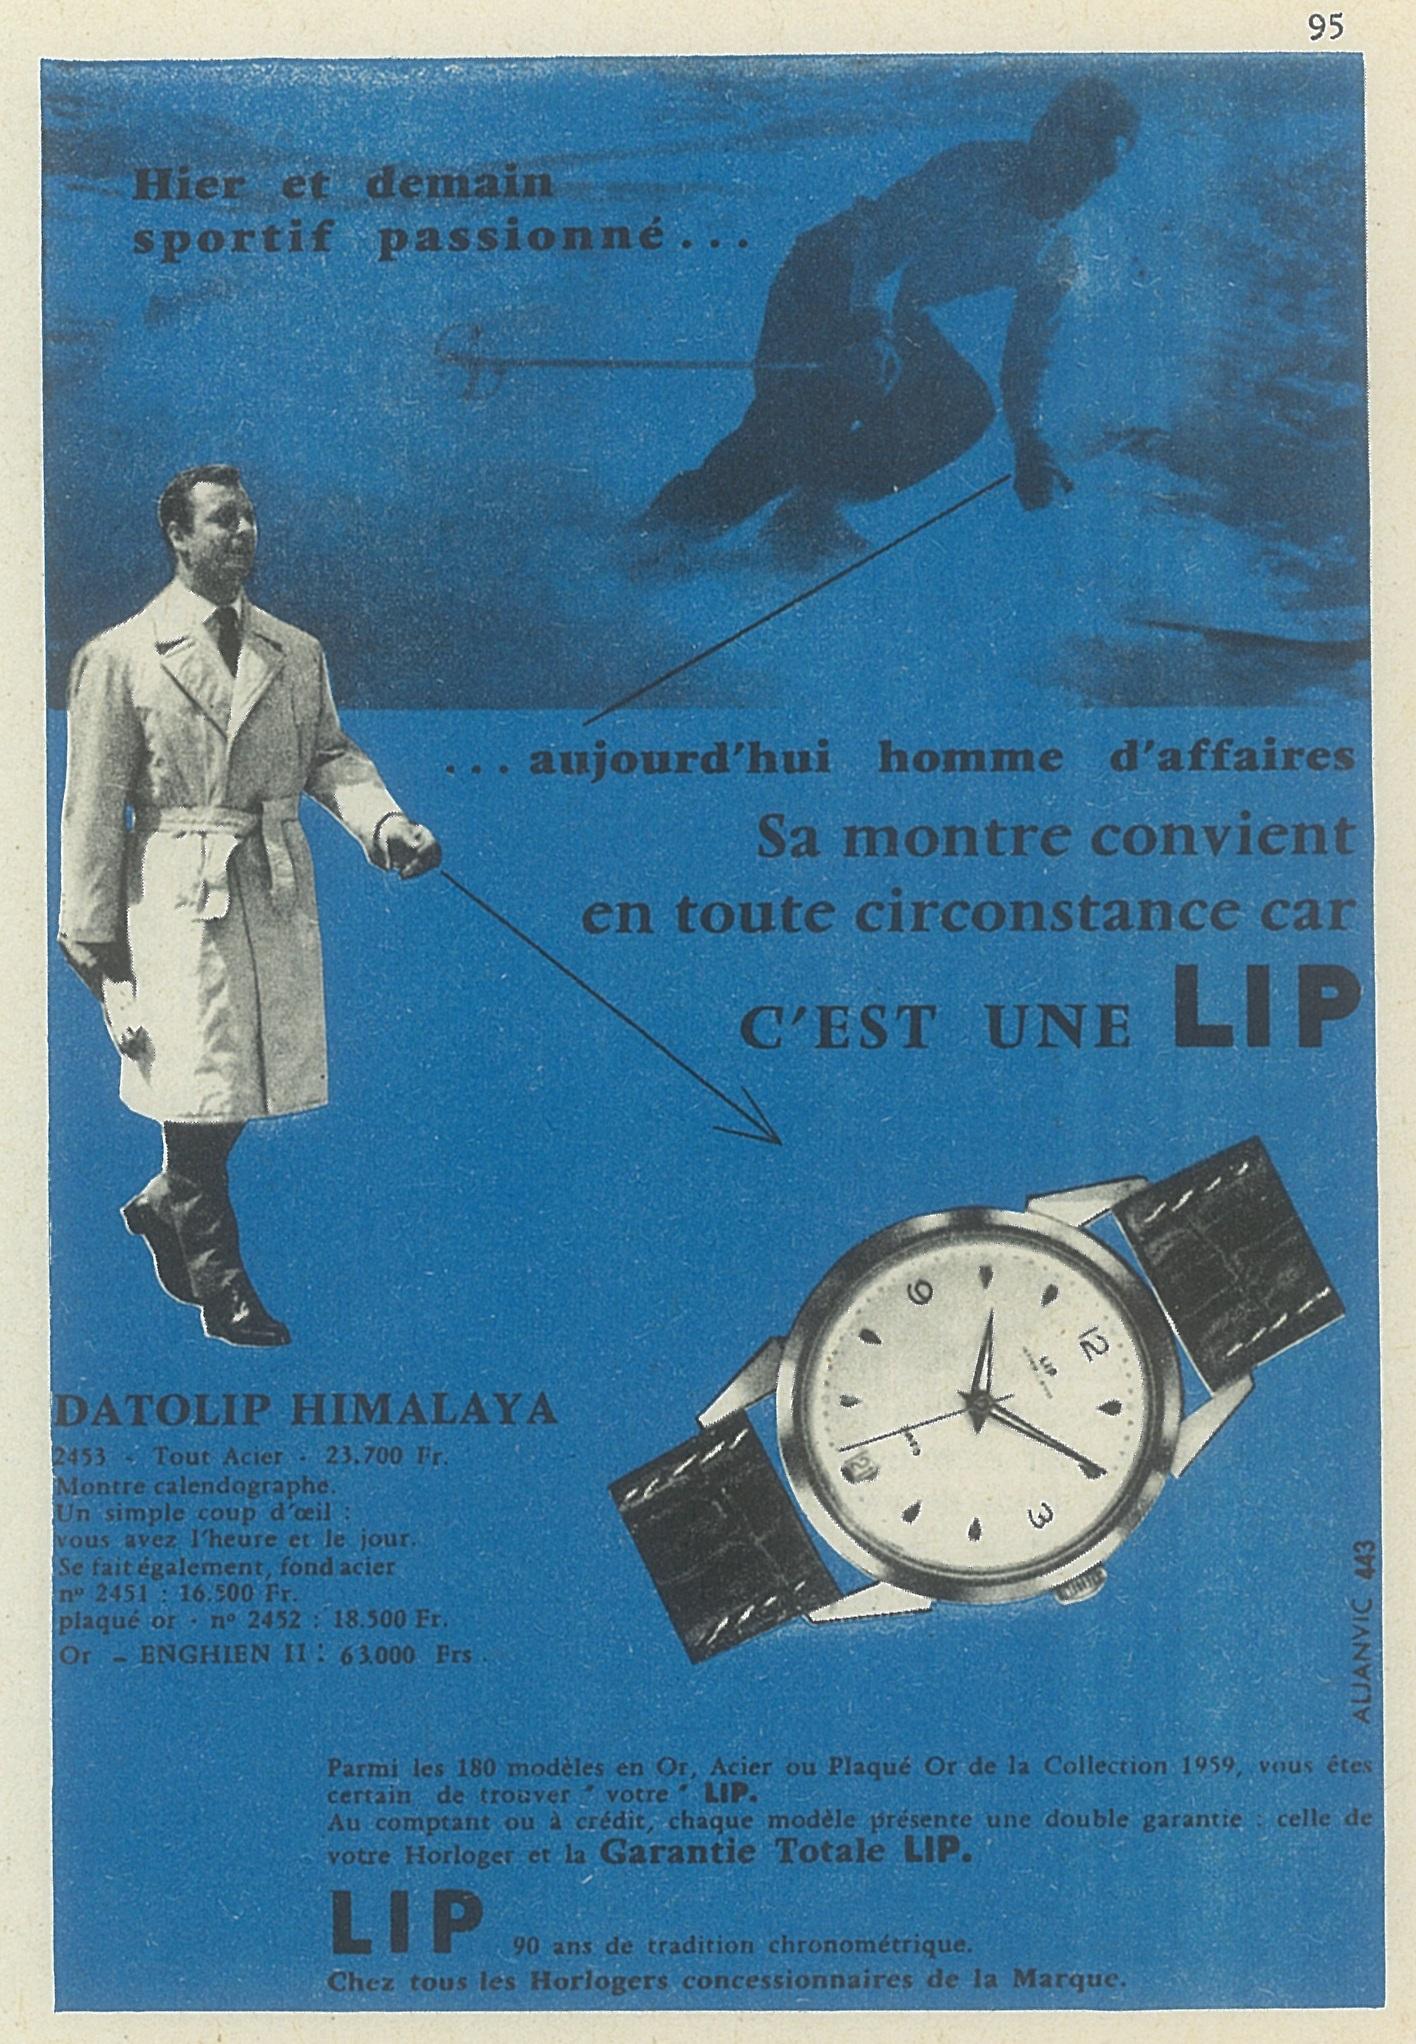 Publicité Pub montre Lip Himalaya R23 C dato plaquée or de 1959 @HAOND Clément